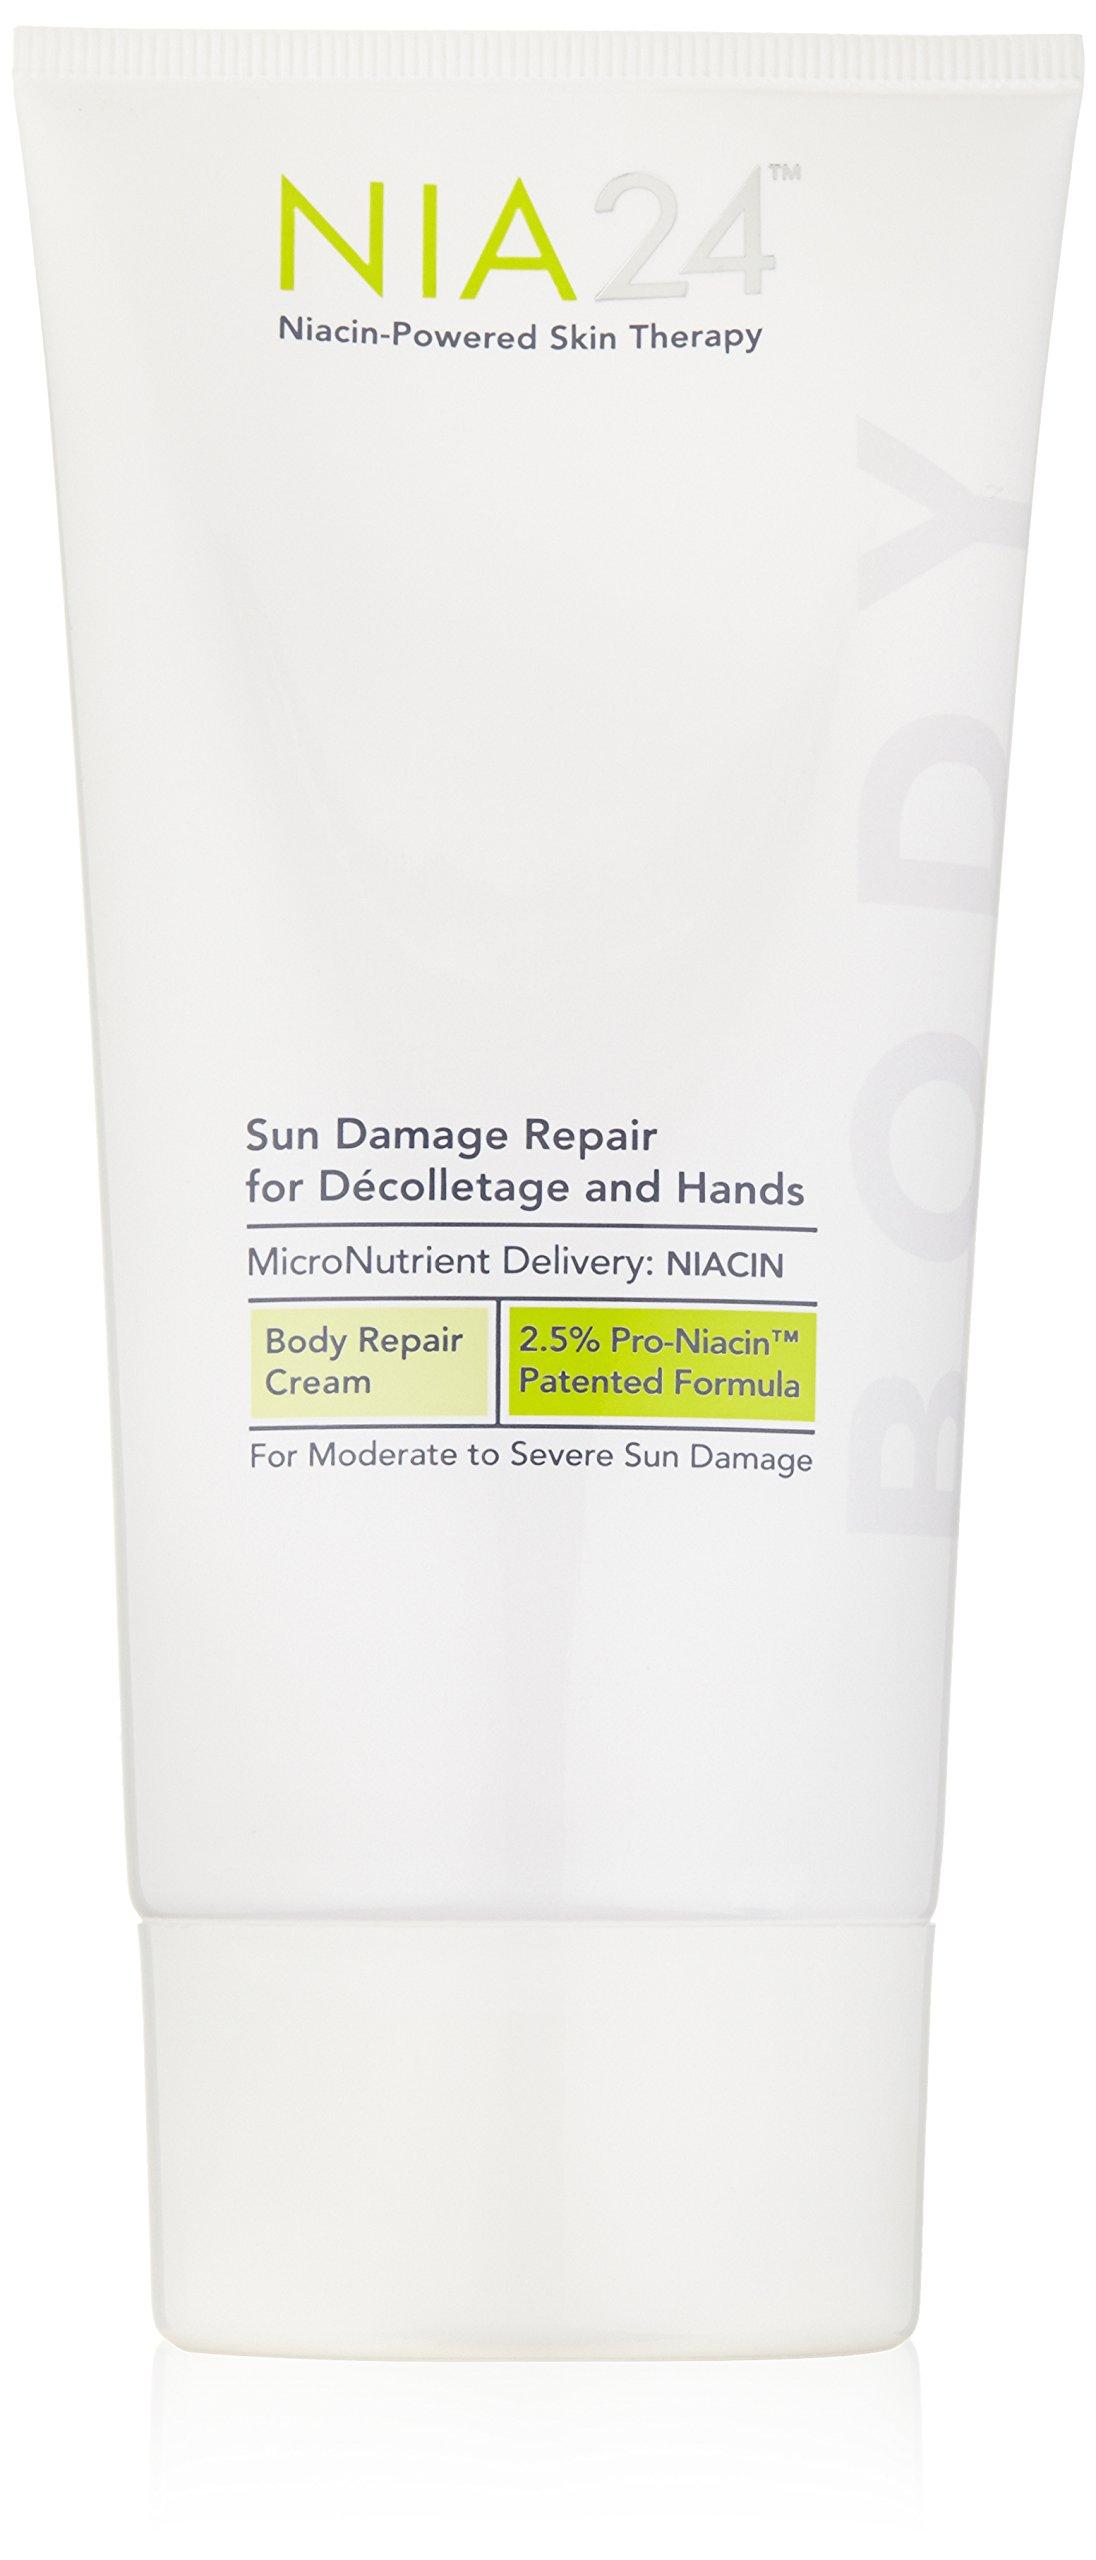 Amazon.com : Nia 24 Skin Strengthening Complex, 1.7 fl. oz. : Facial ...